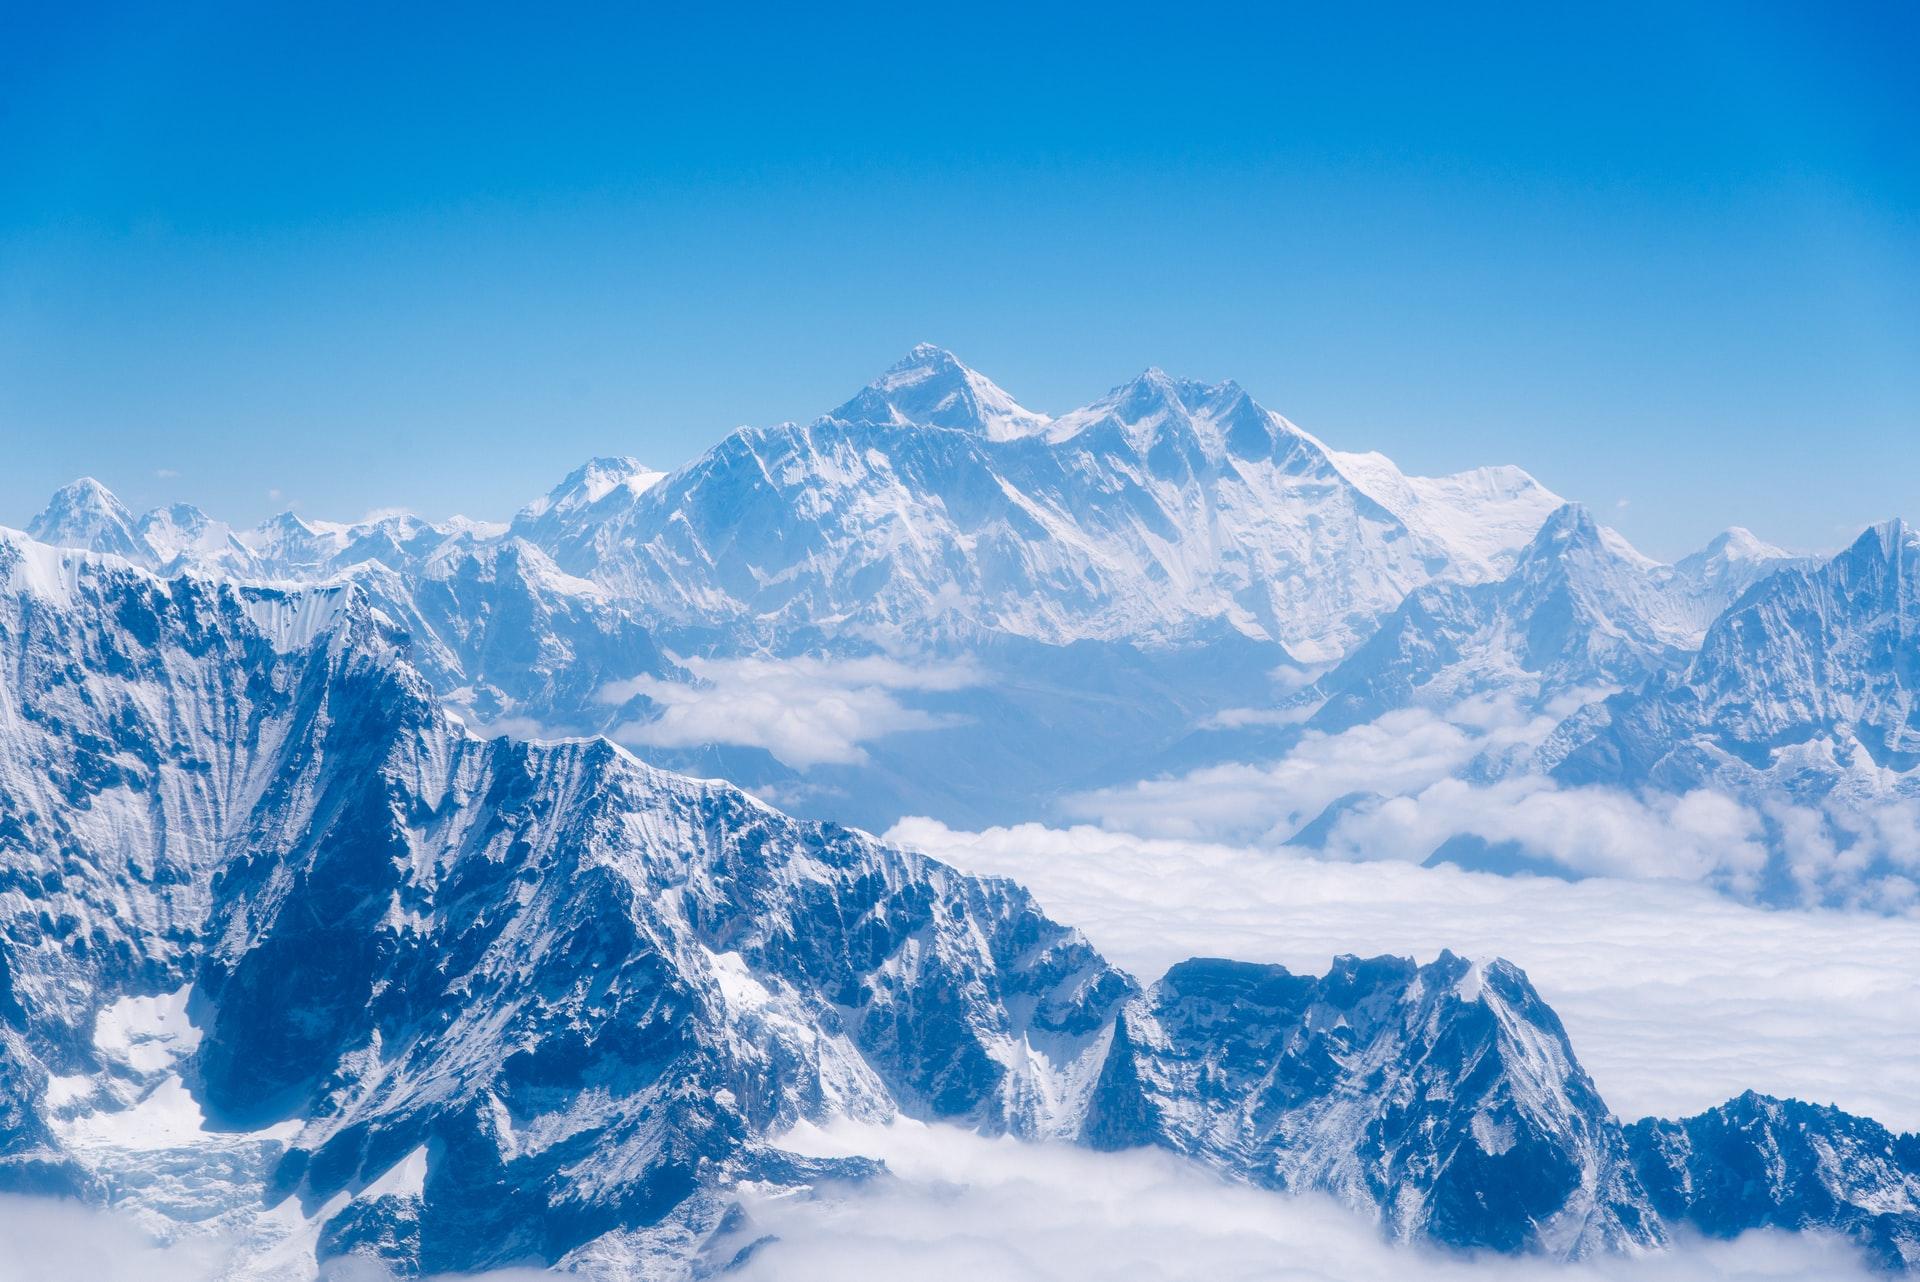 Chiny: Zpowodu pandemii rząd odwołał sezon wspinaczkowy naMount Everest